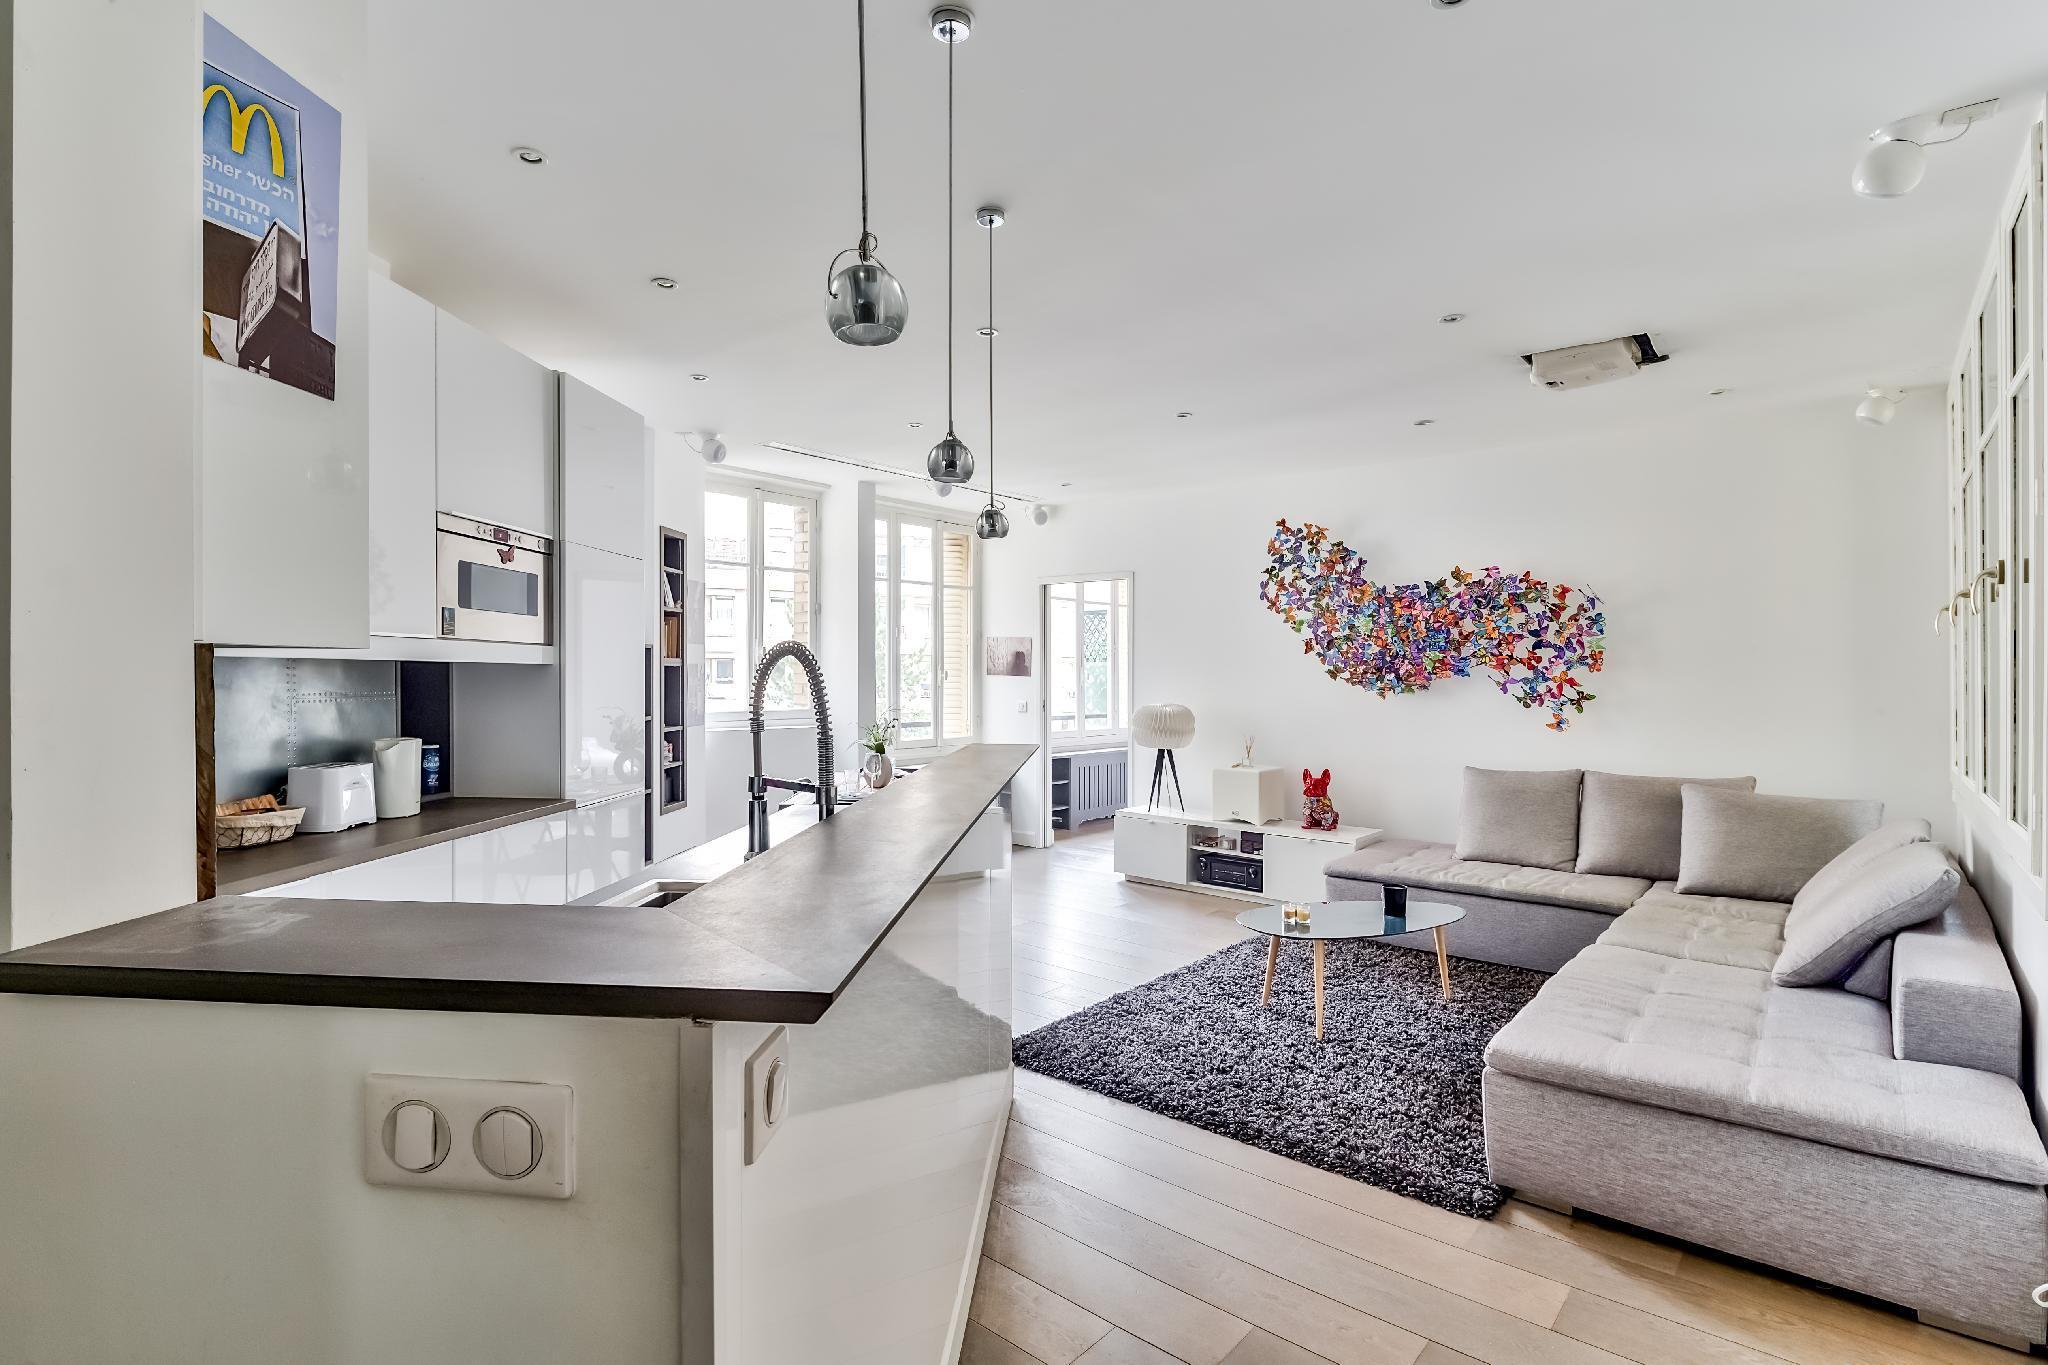 Modern & Bright Flat in Le Marais - An Ecoloflat